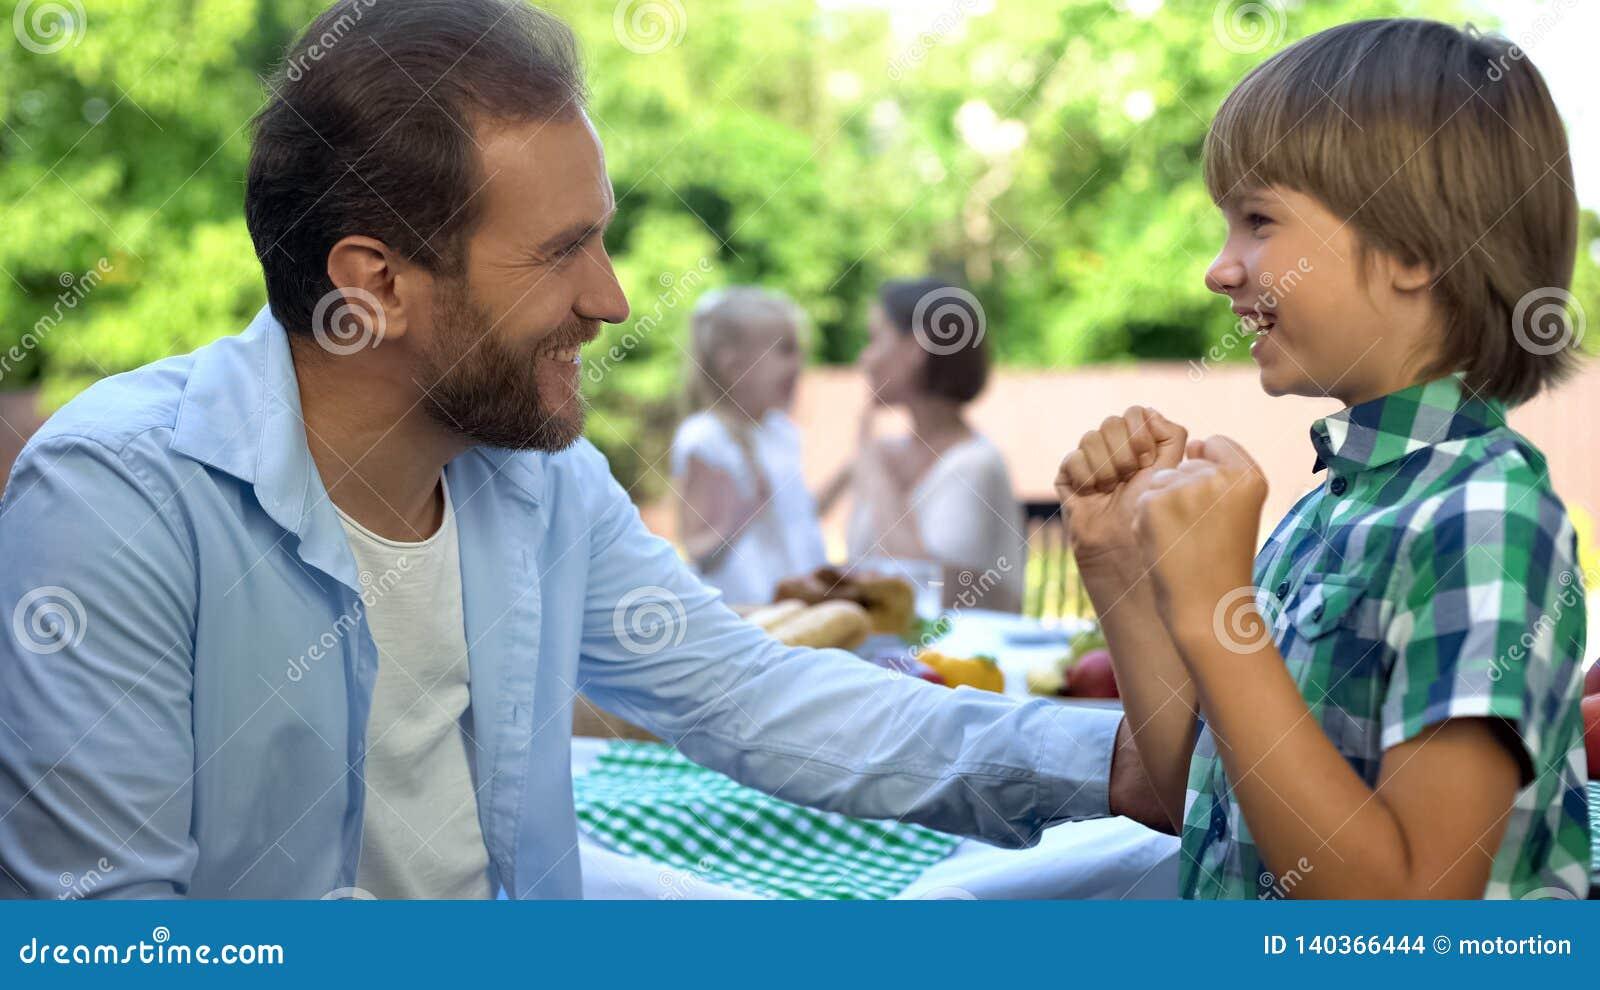 Älska pappan som talar den lilla sonen, familjomsorg och förtroendefull förbindelse, barndom